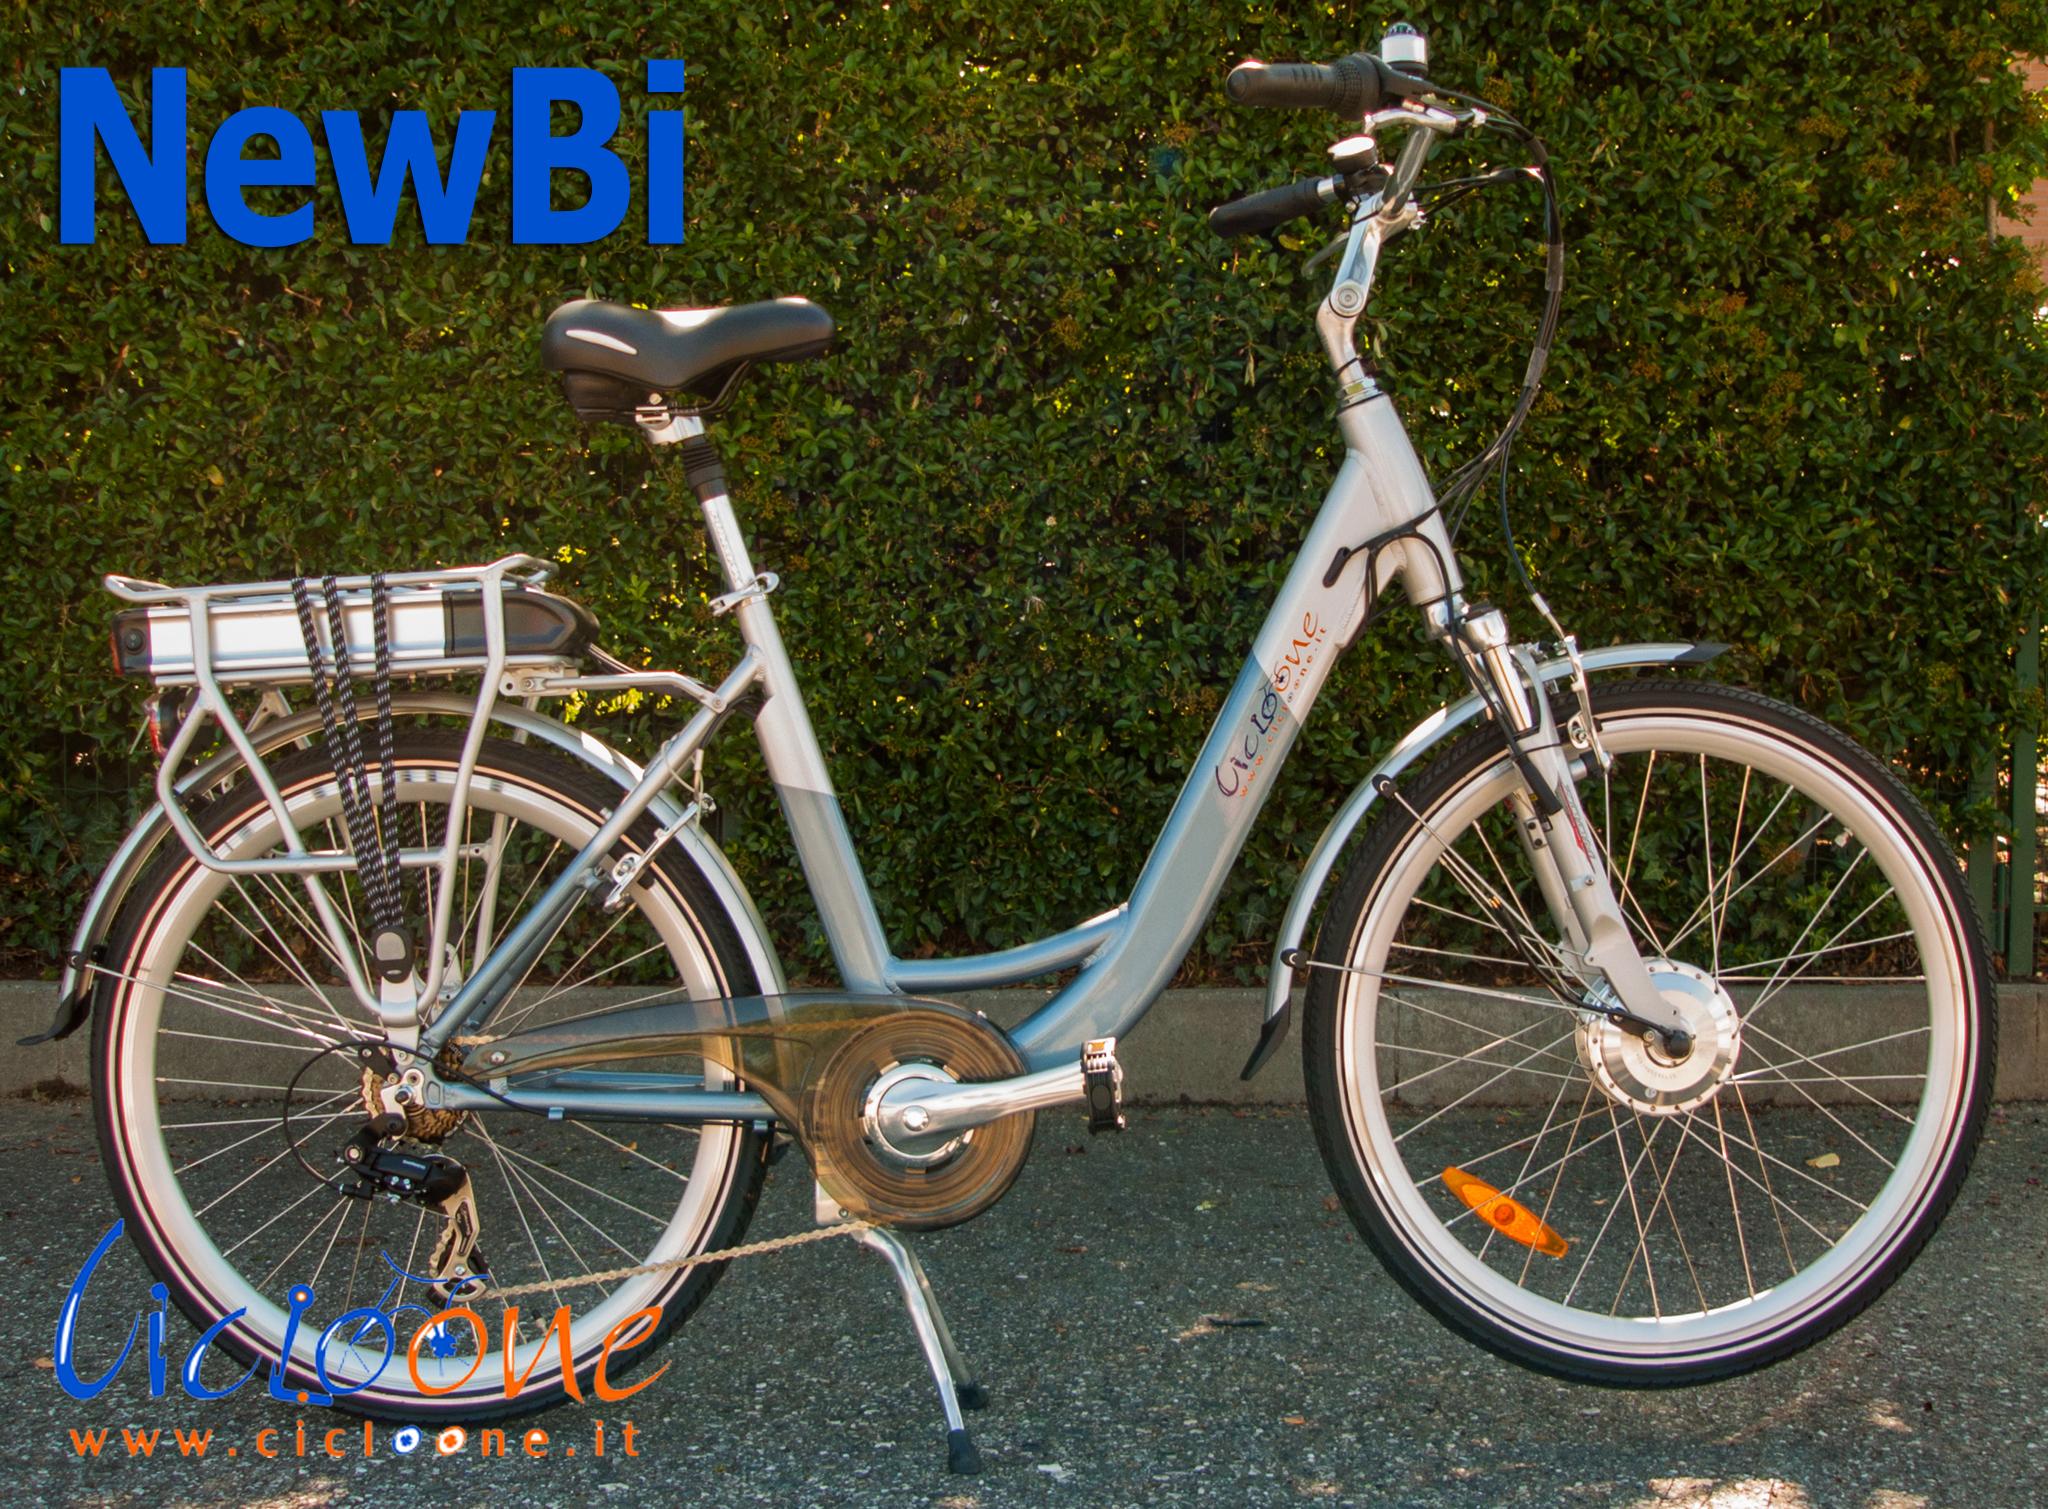 Bici elettrica NewBi telaio chiaro